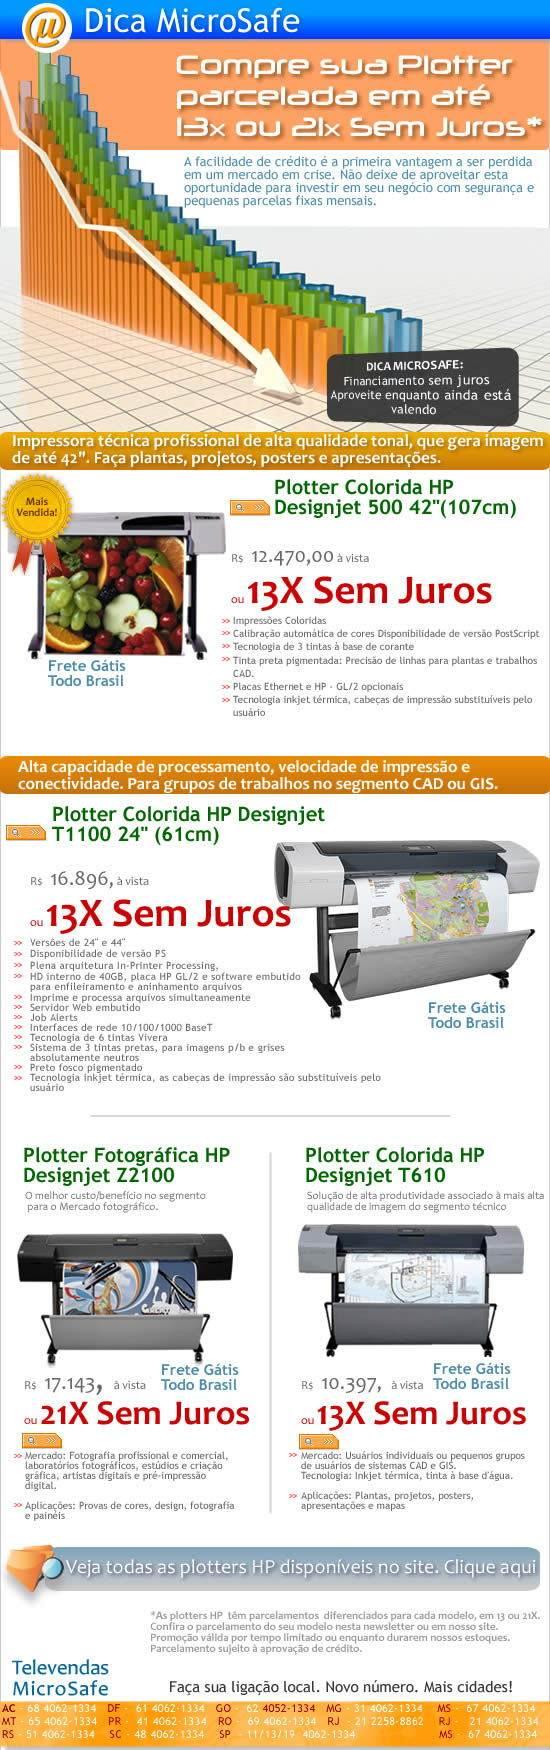 Dica_MicroSafe_financiamento_sem_juros_Plotter_HP